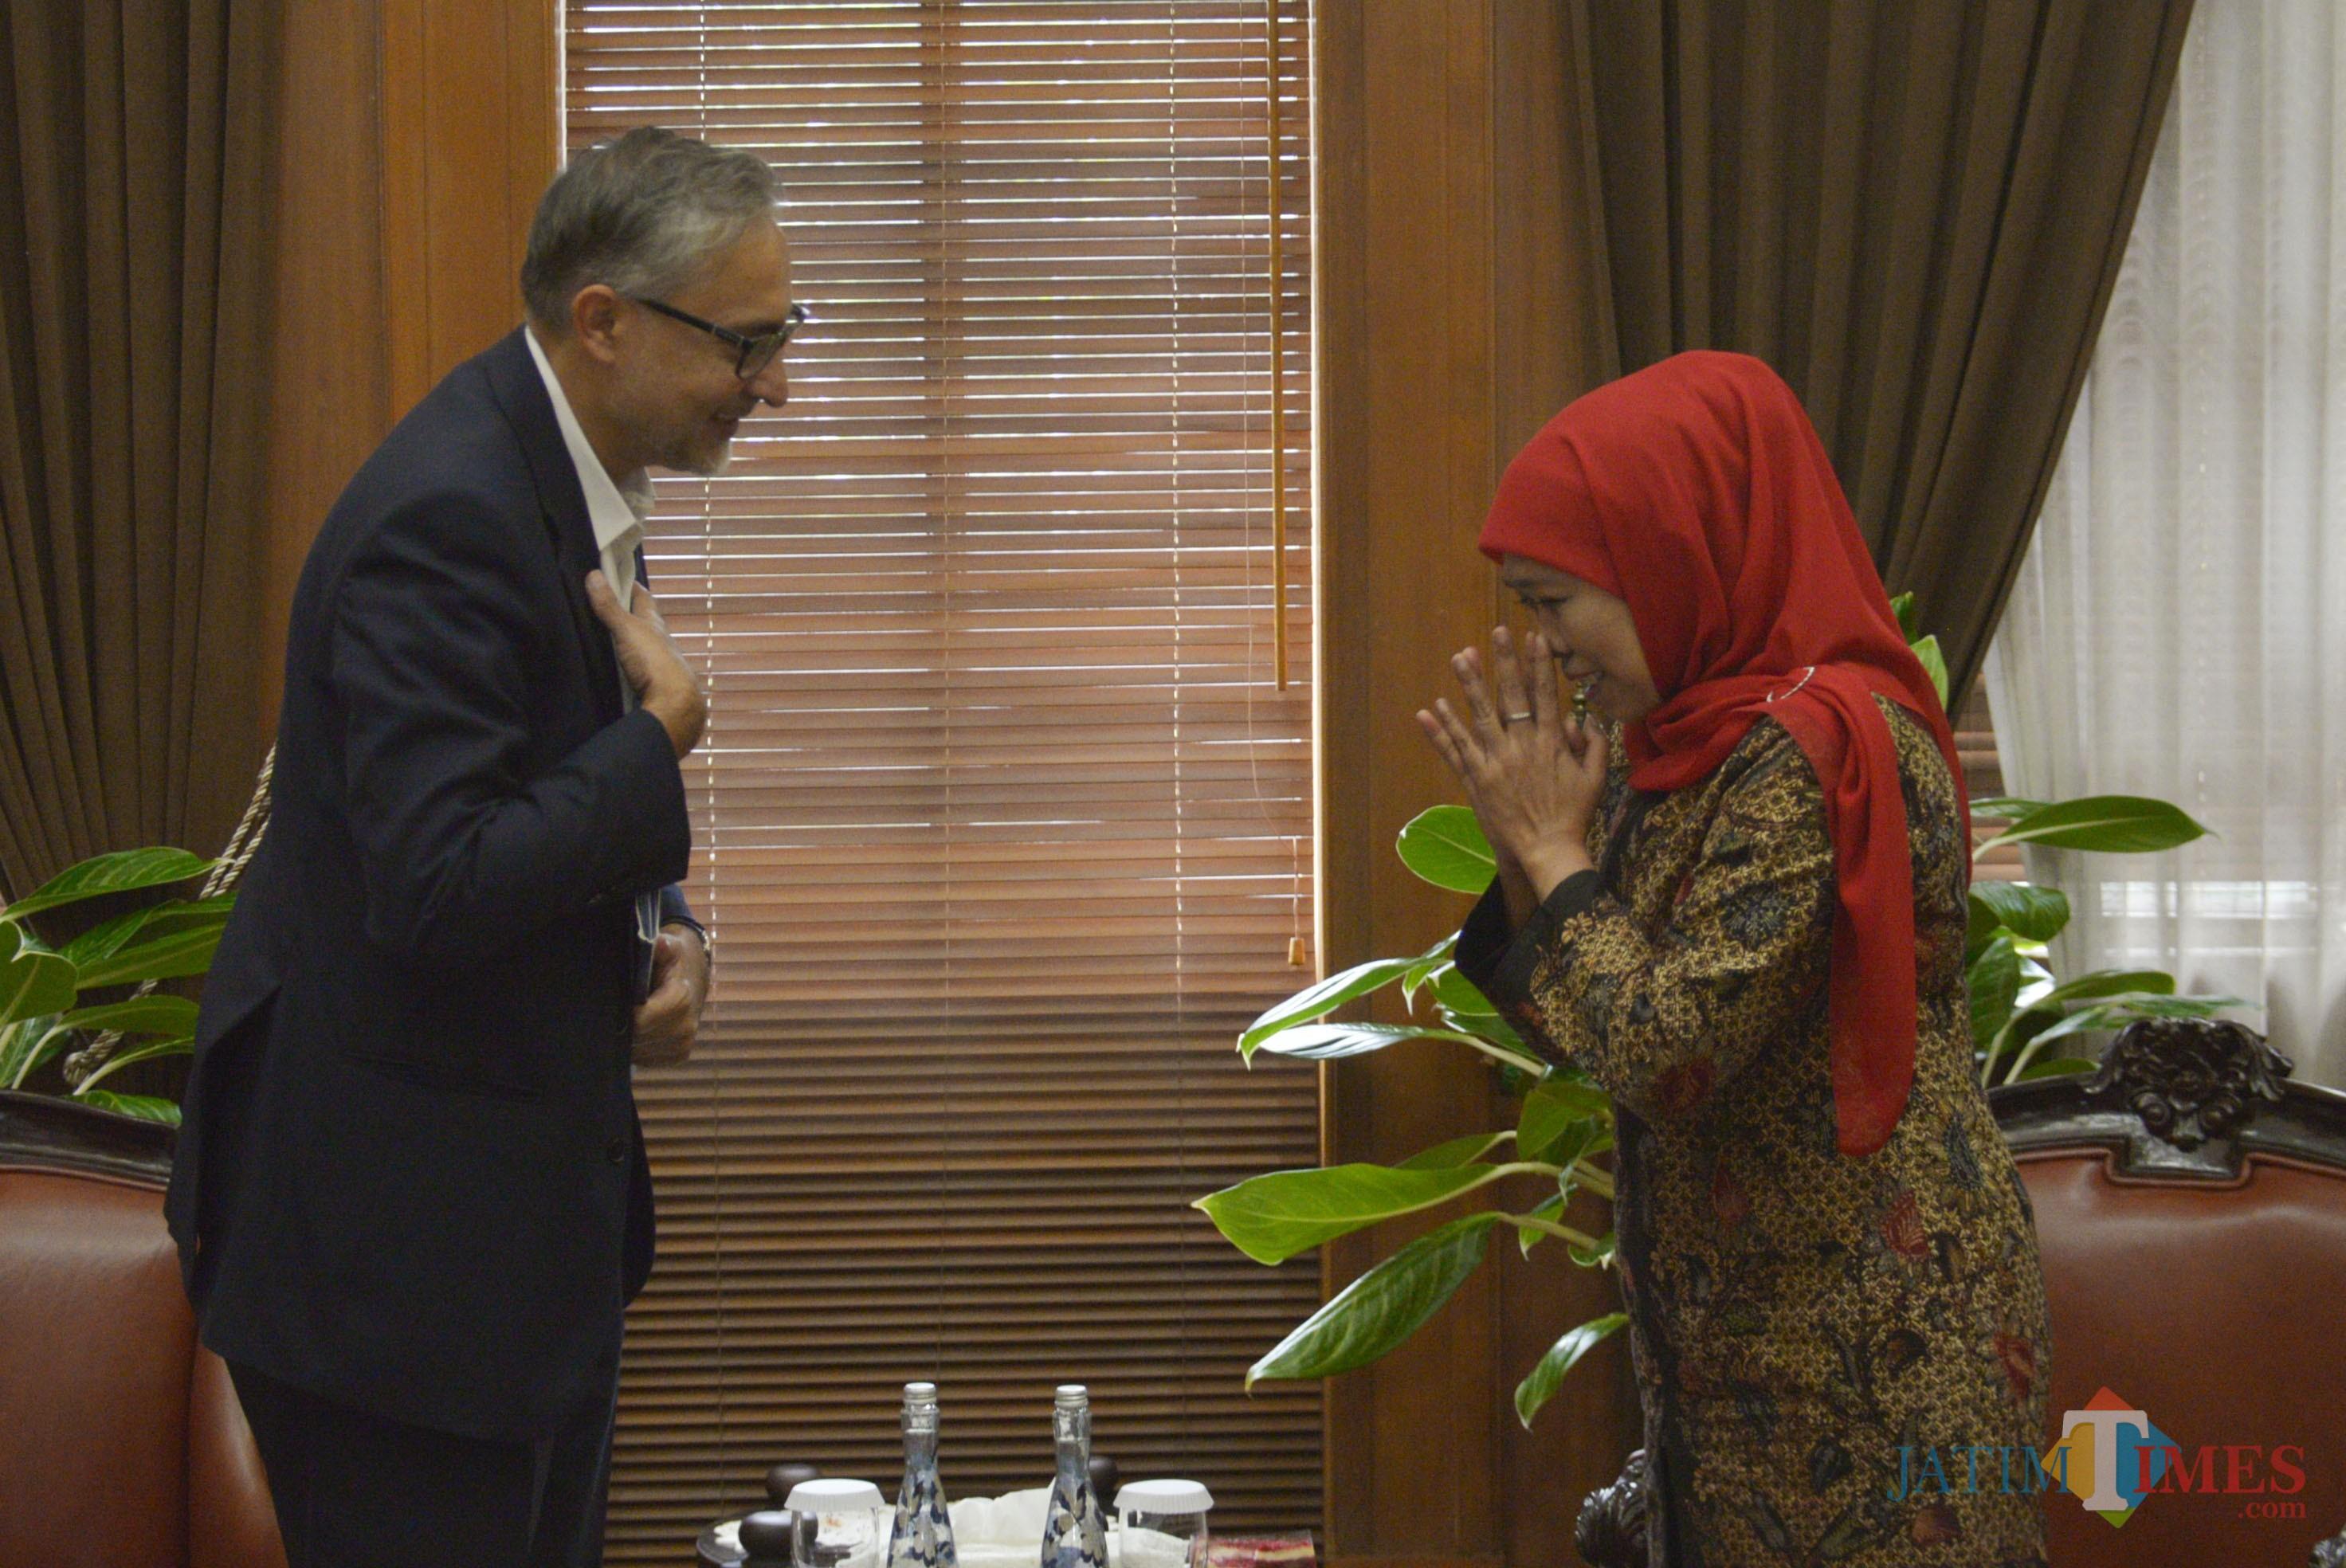 Gubernur Khofifah ketika menerima kunjungan Duta Besar Inggris